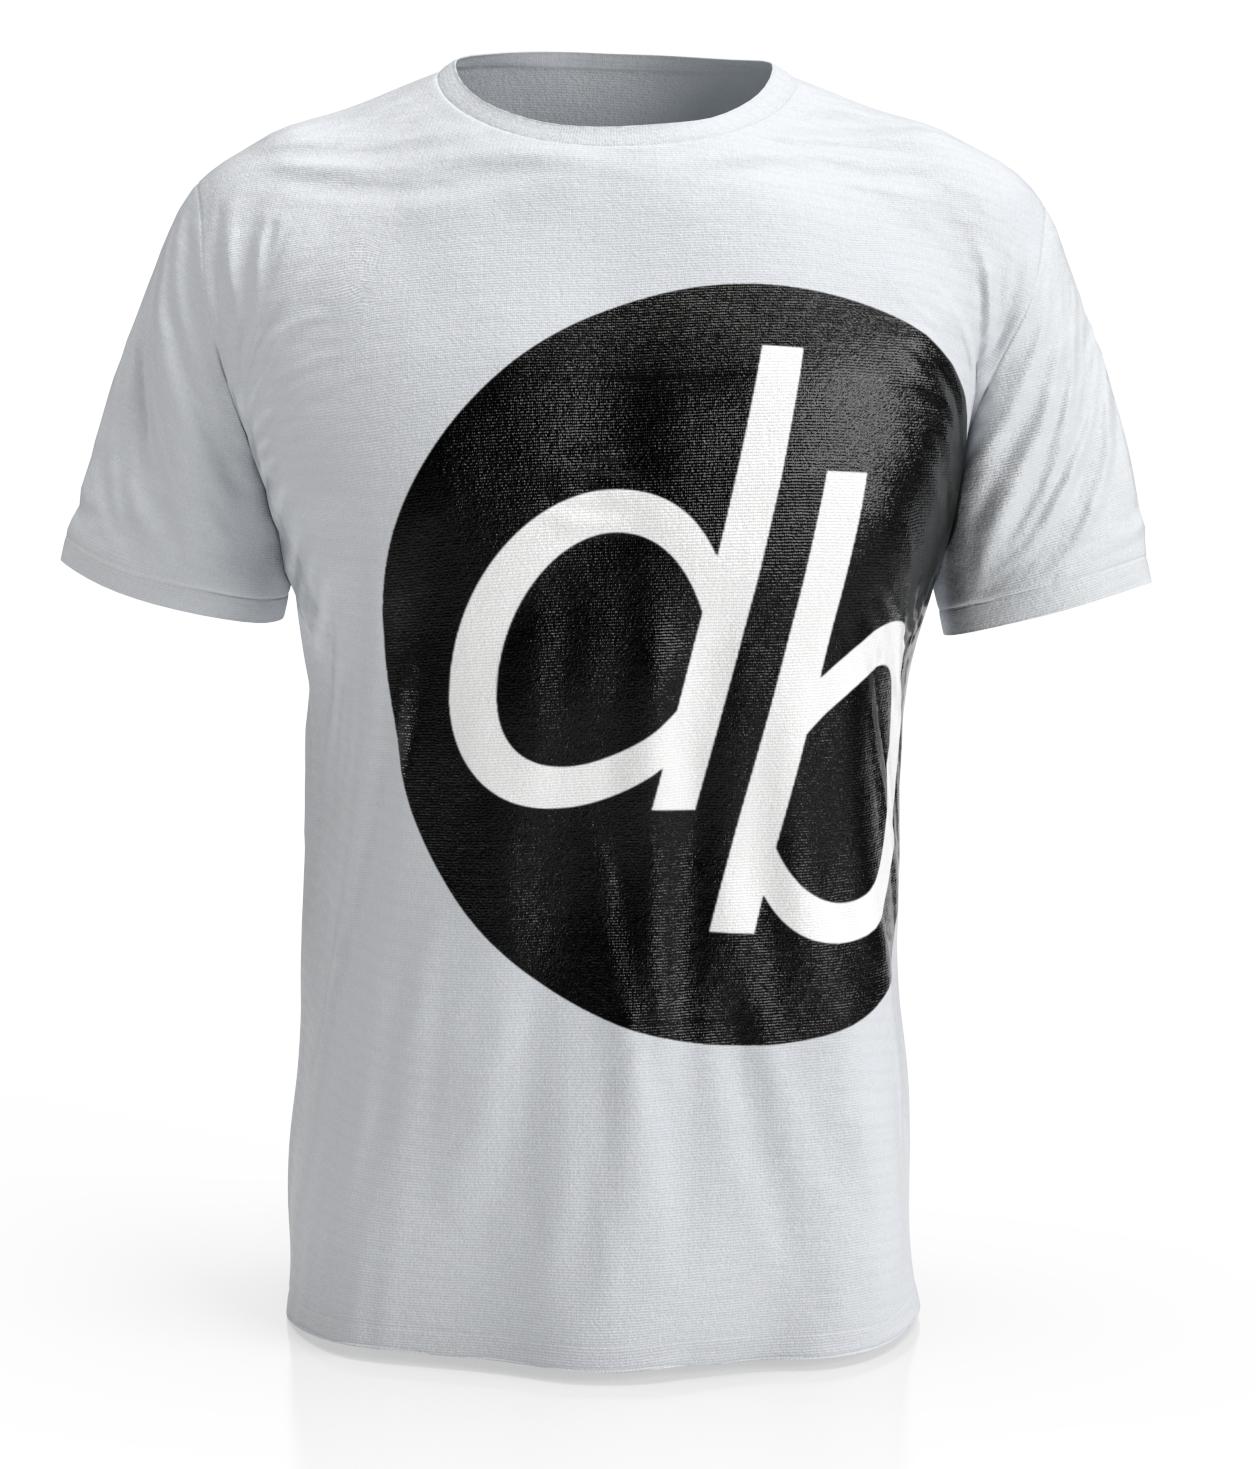 DB T shirt.png